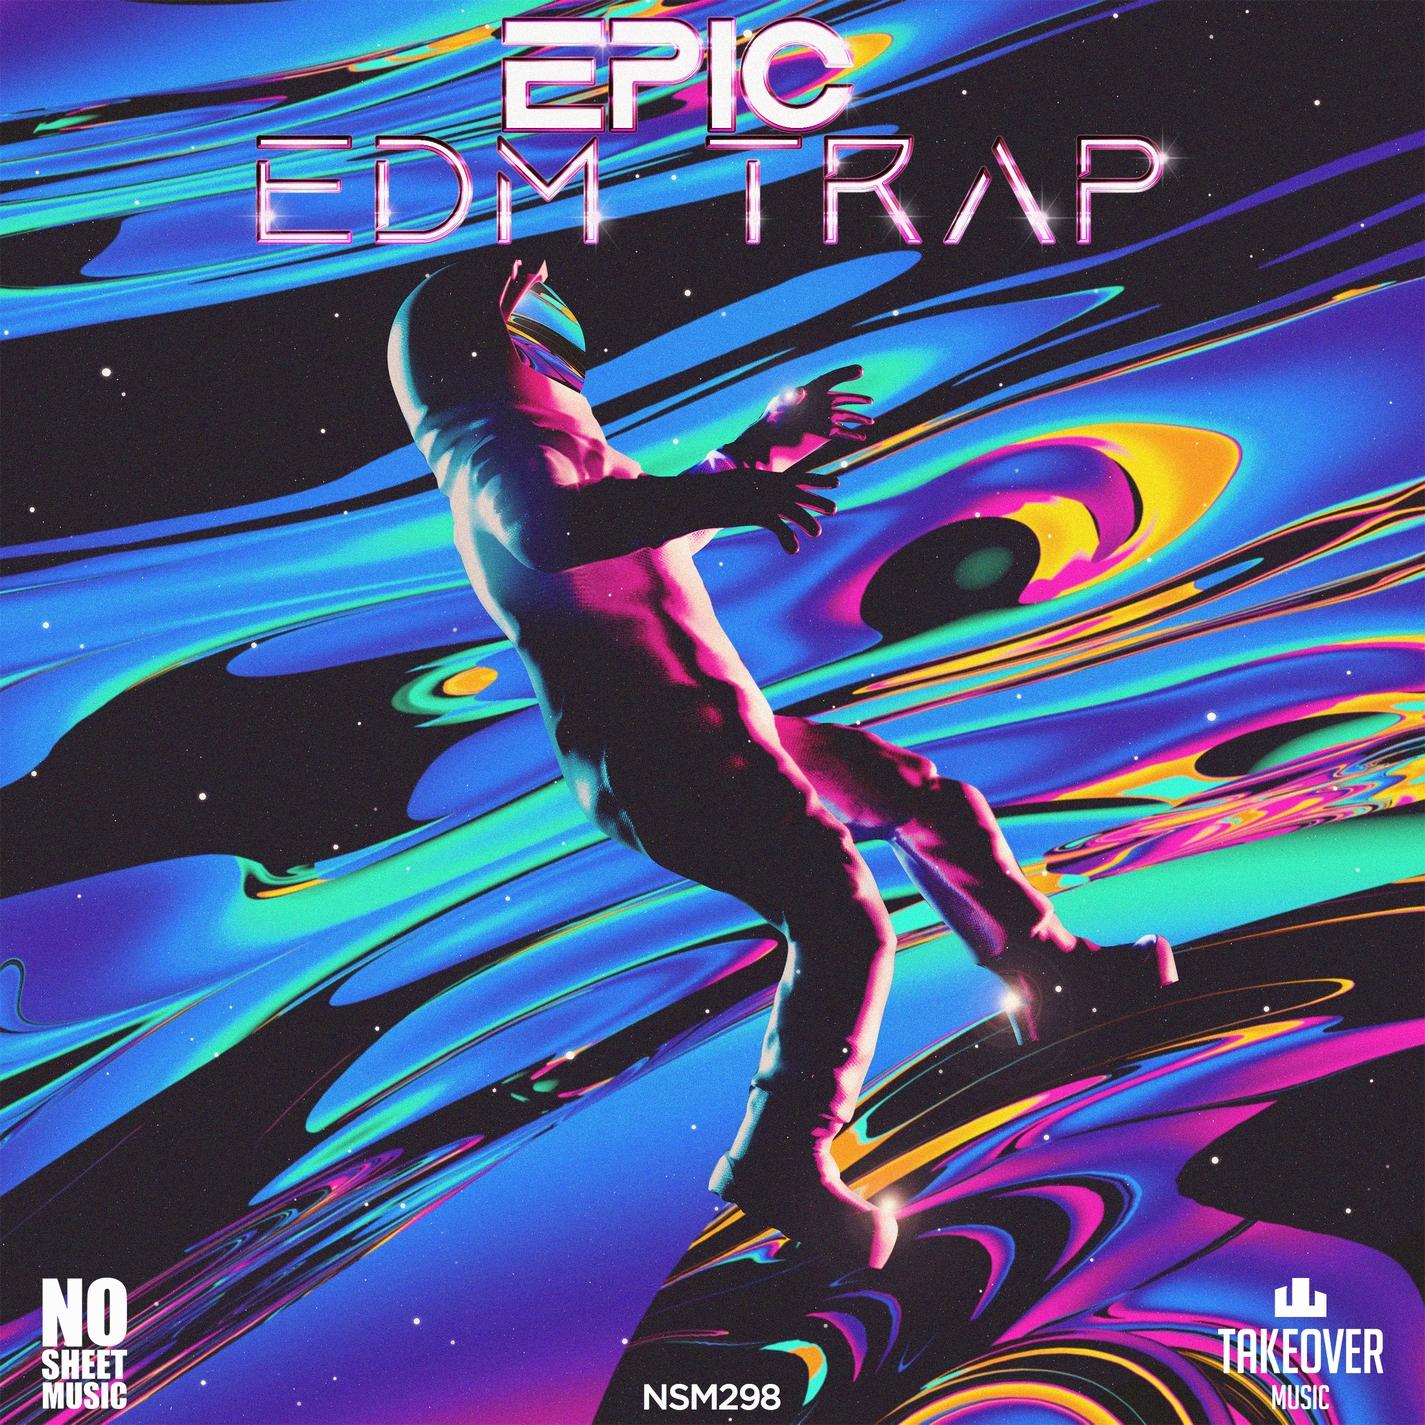 Epic EDM Trap